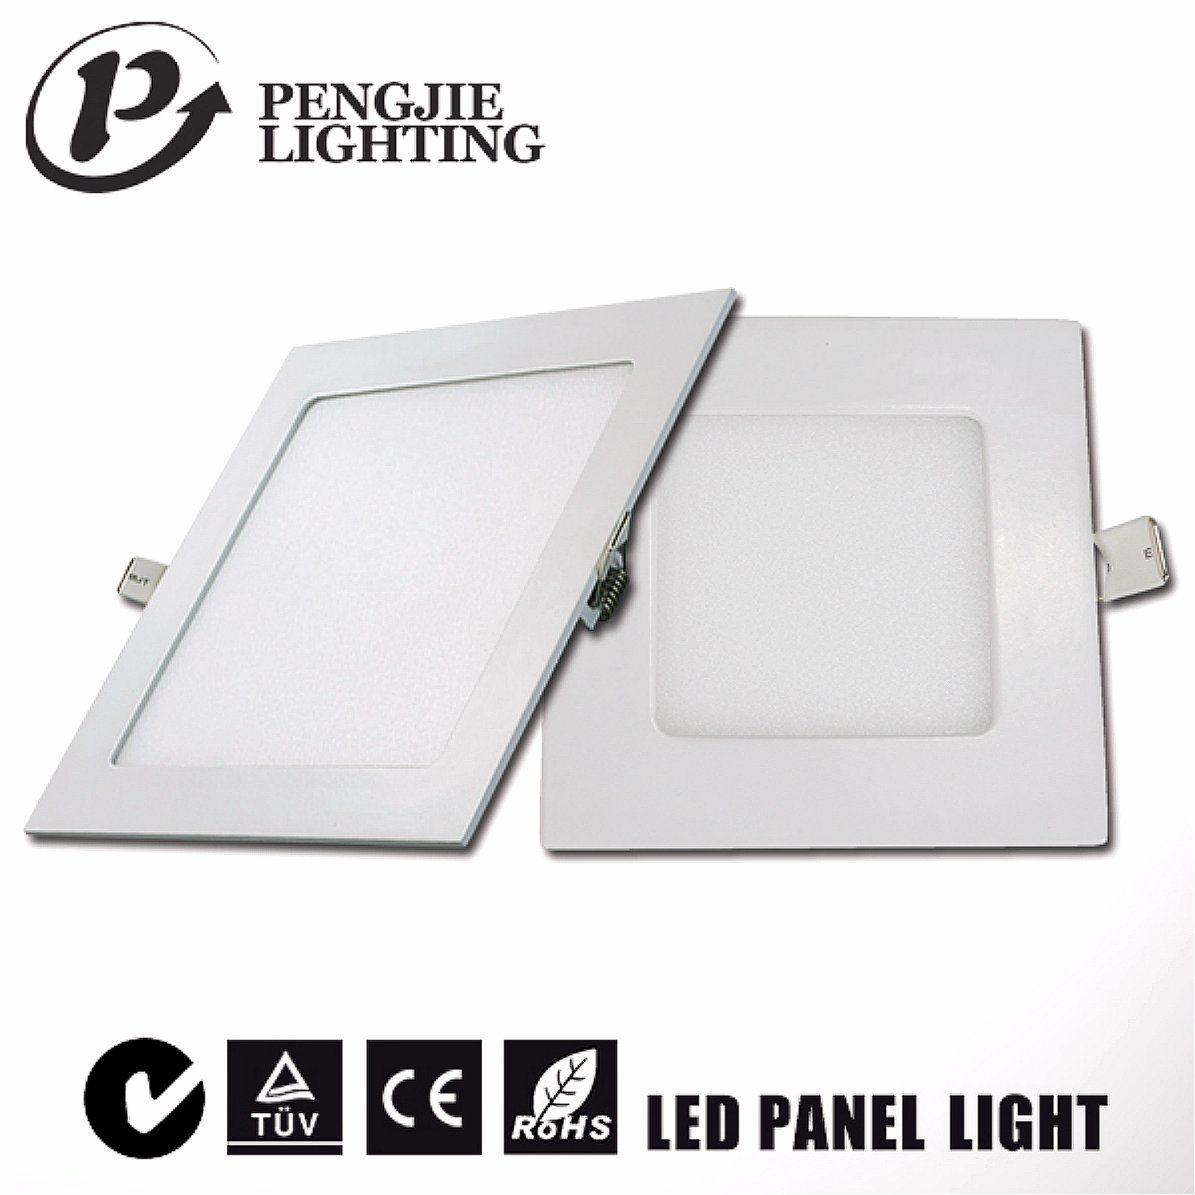 18W Slim Aluminum LED Panel Light for Home Ceiling Lighting